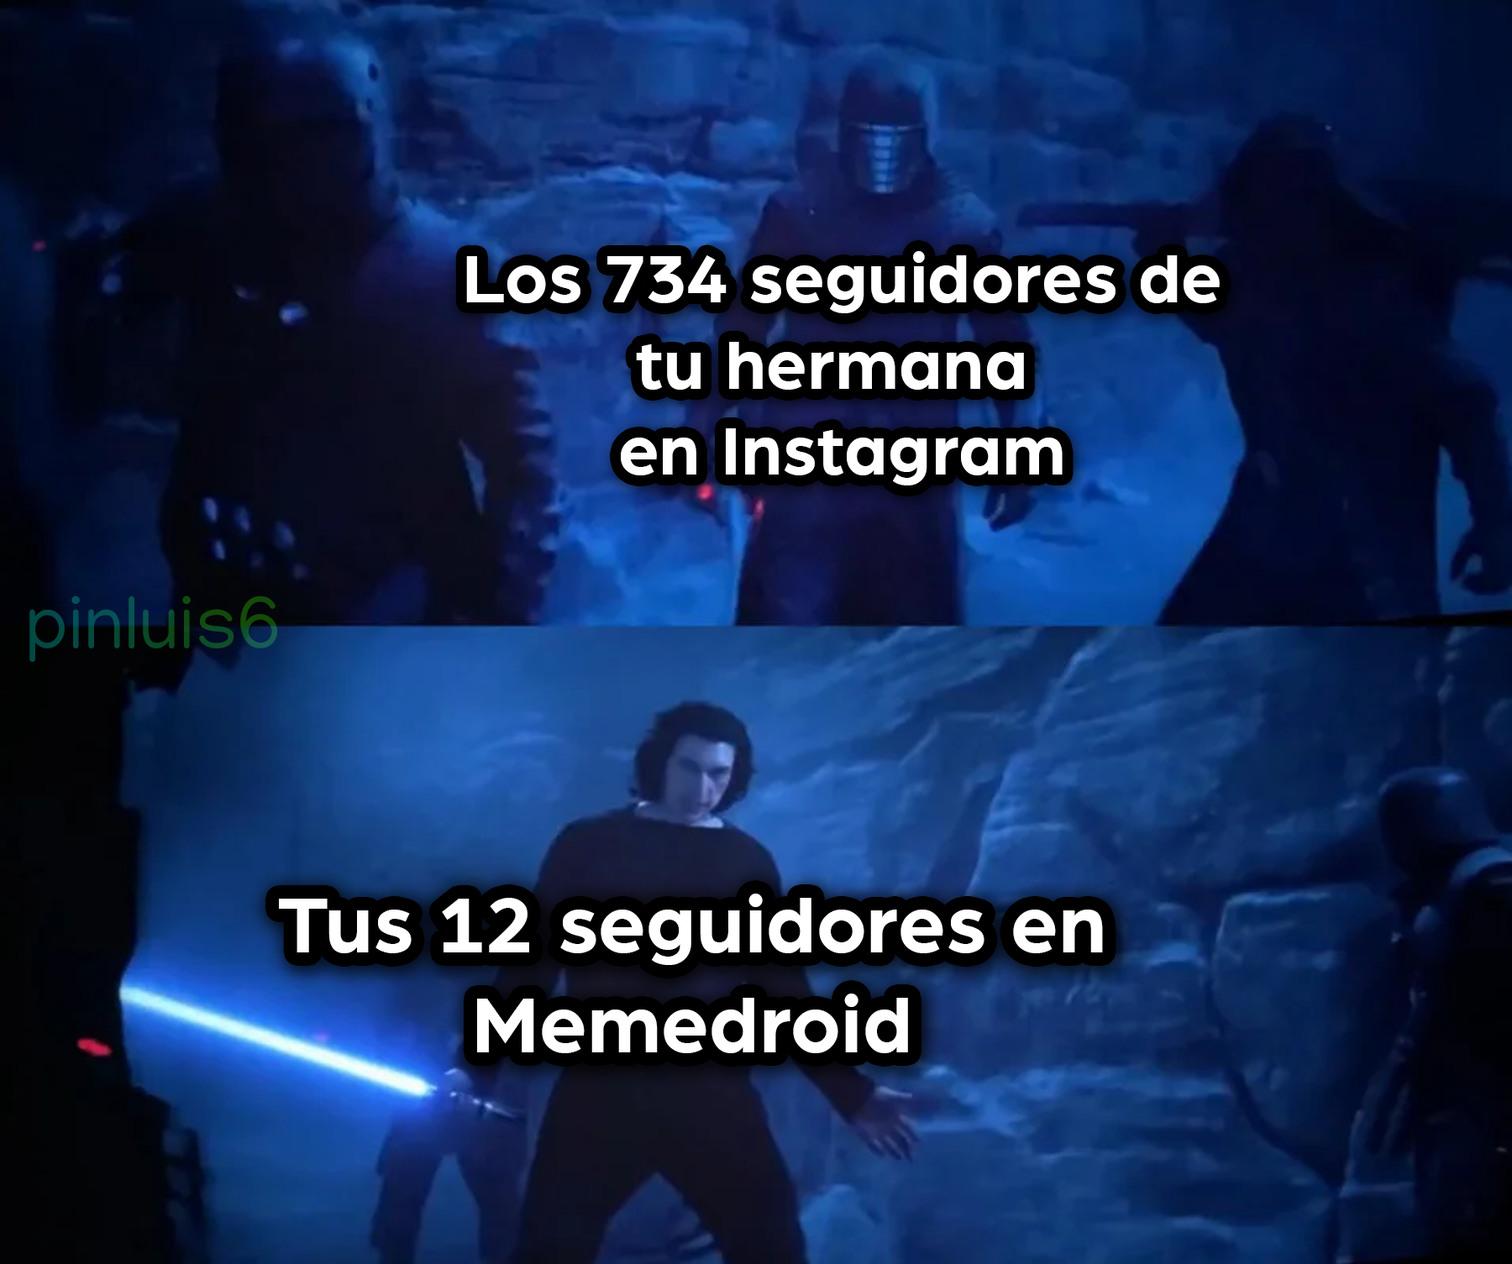 Followers - meme